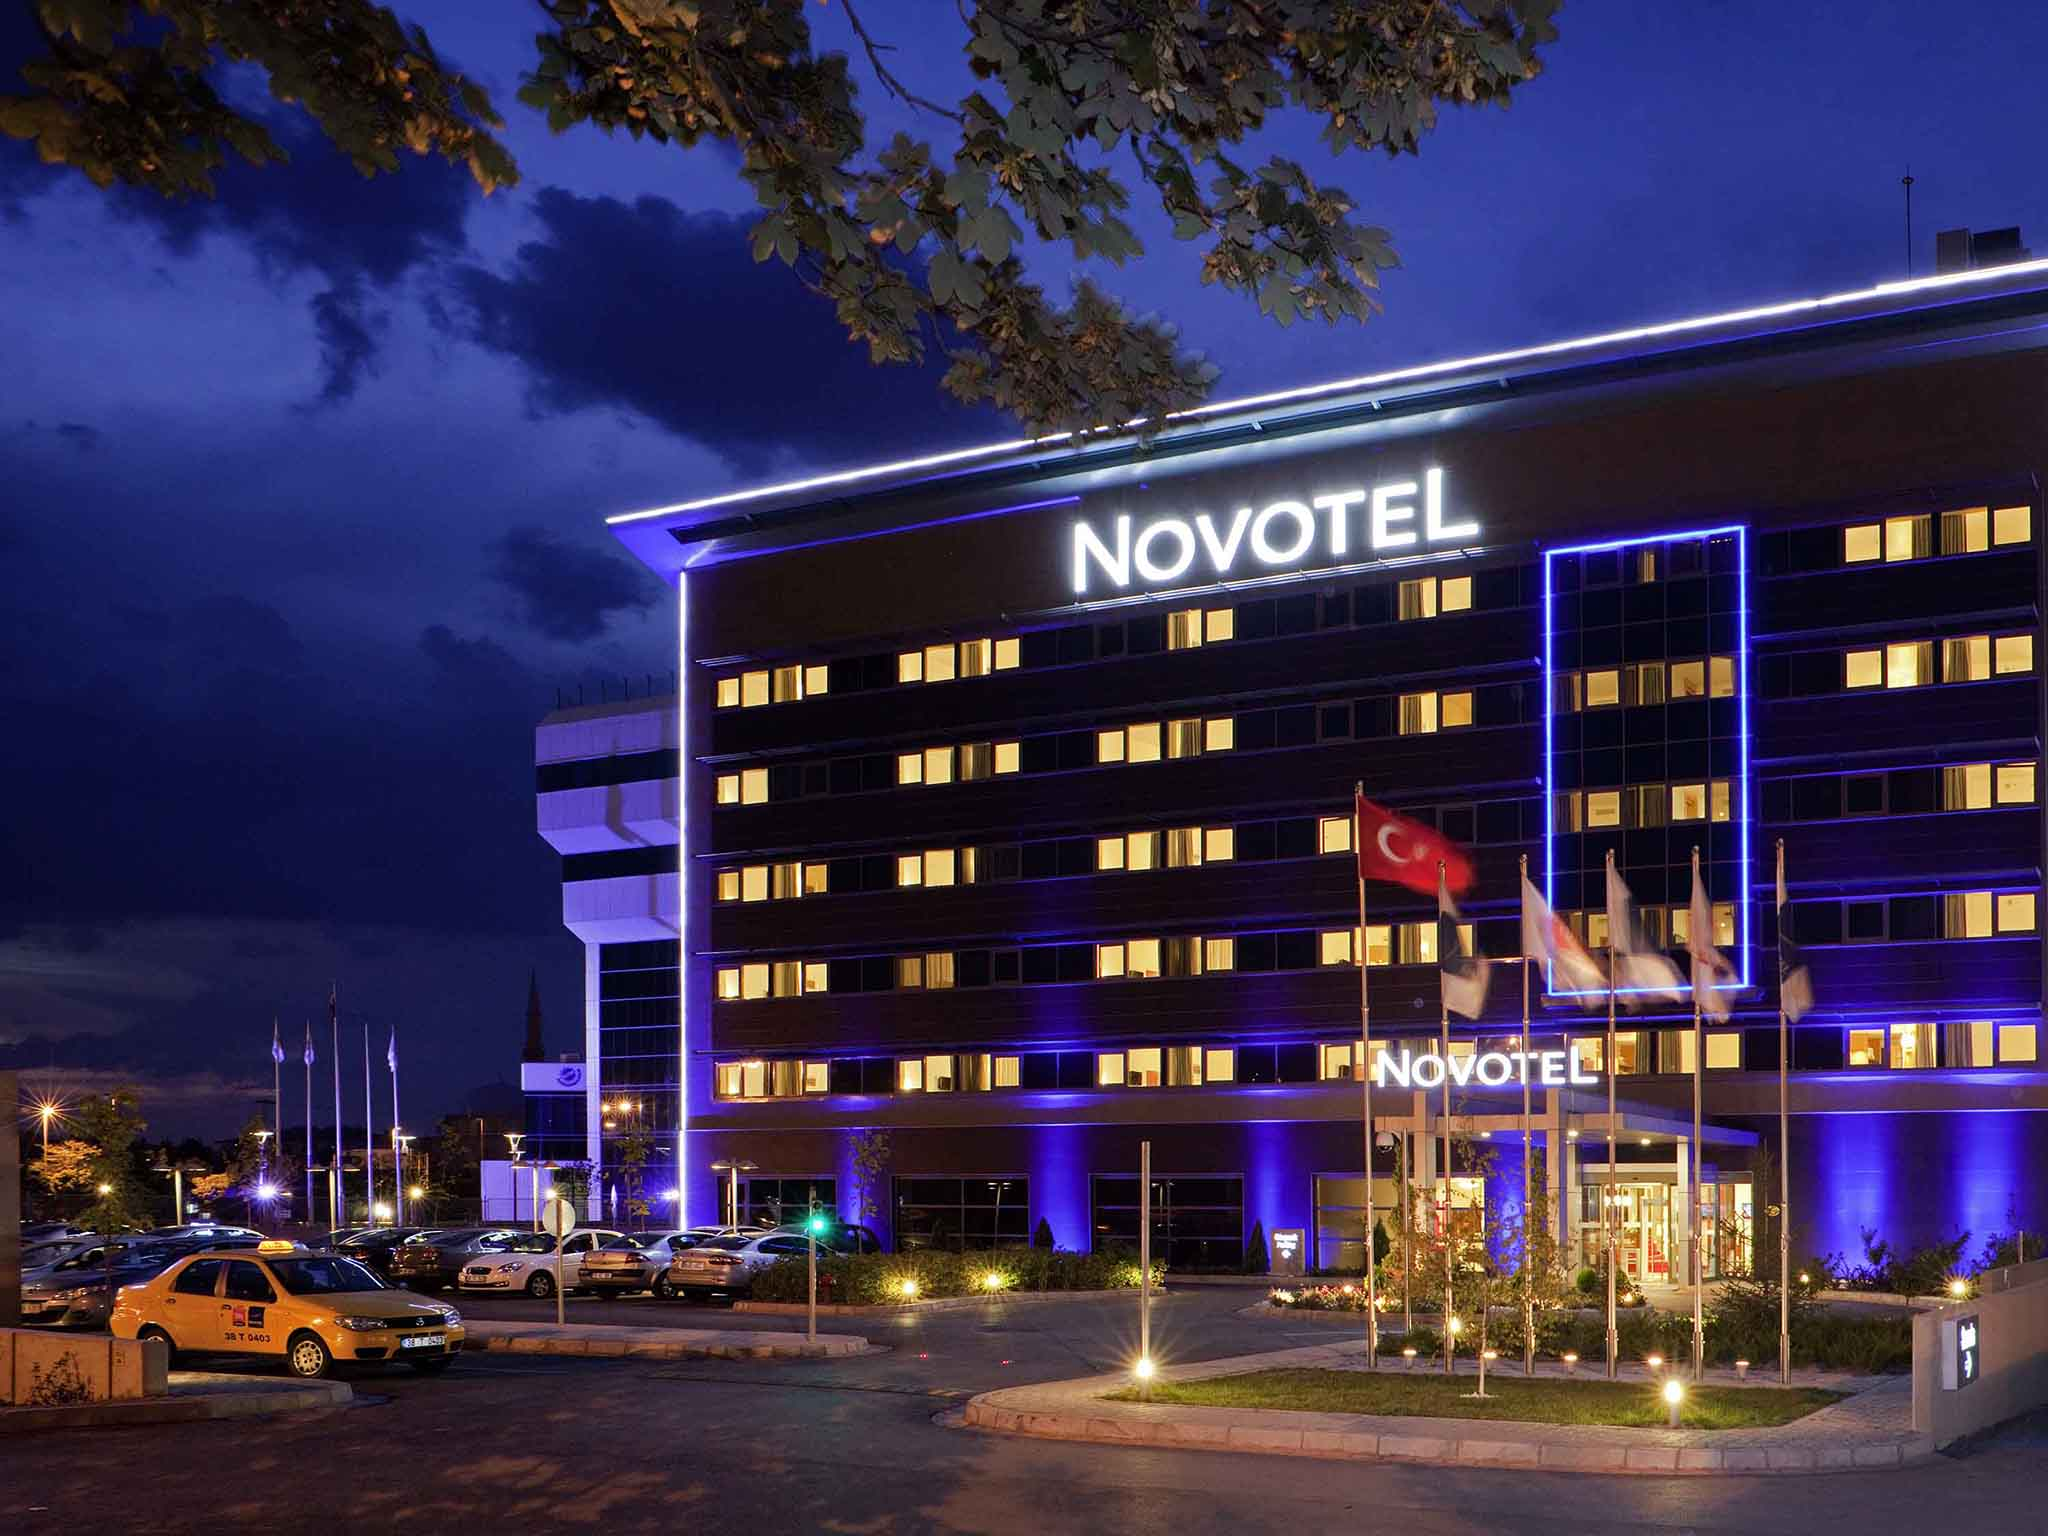 Hotel Novotel Kayseri Novotel Kayseri Right